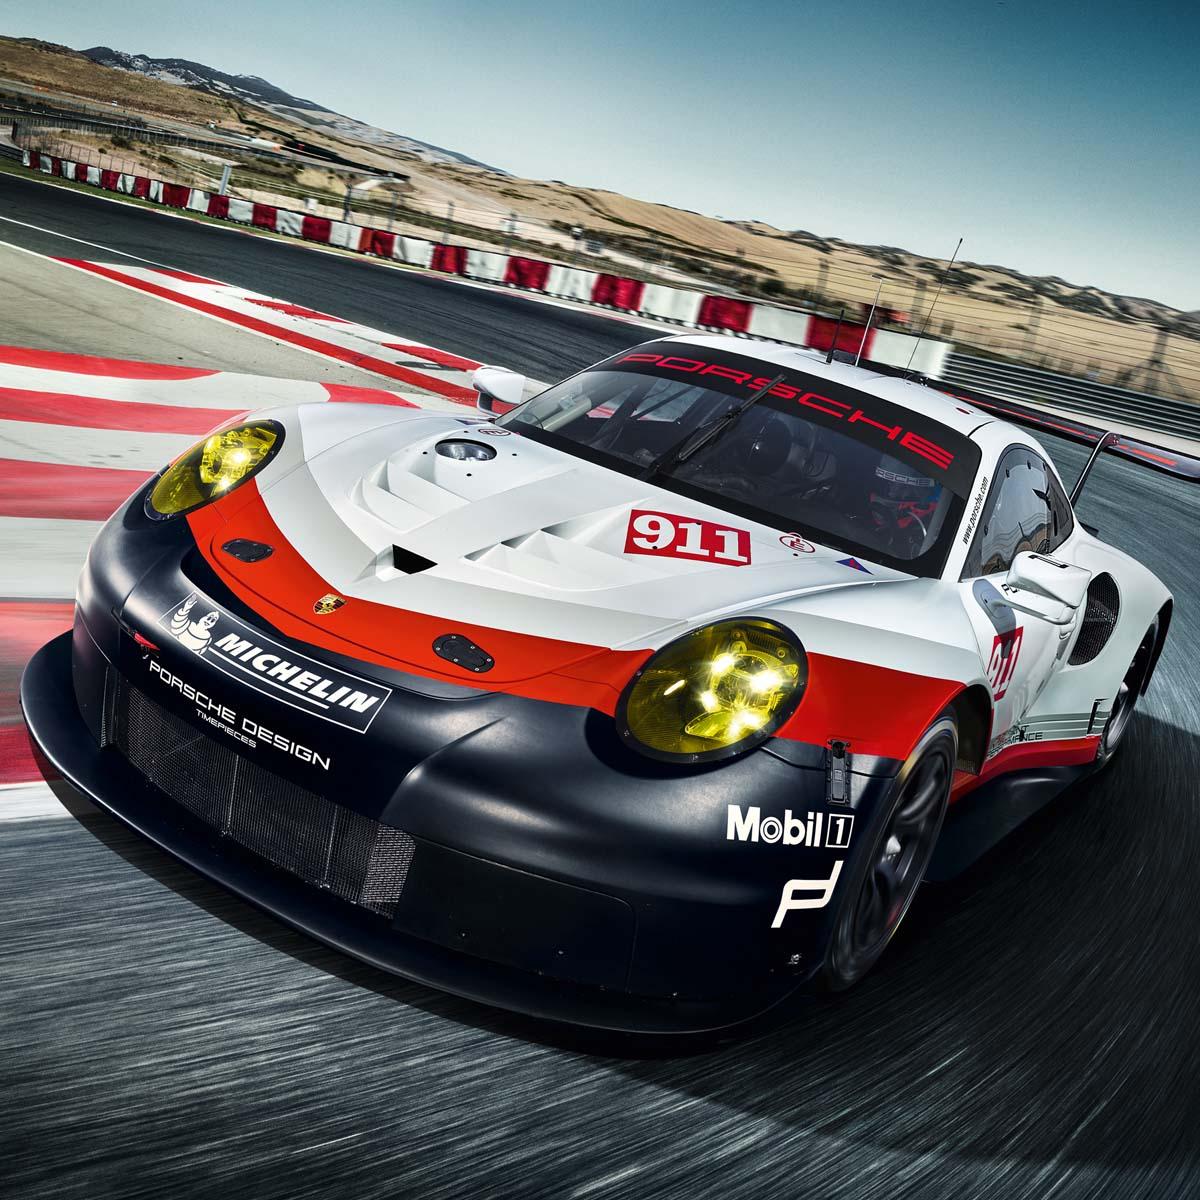 La Cote des Montres : Photo - Bucherer présente en exclusivité la nouvelle collection Monobloc Actuator de Porsche Design Timepieces